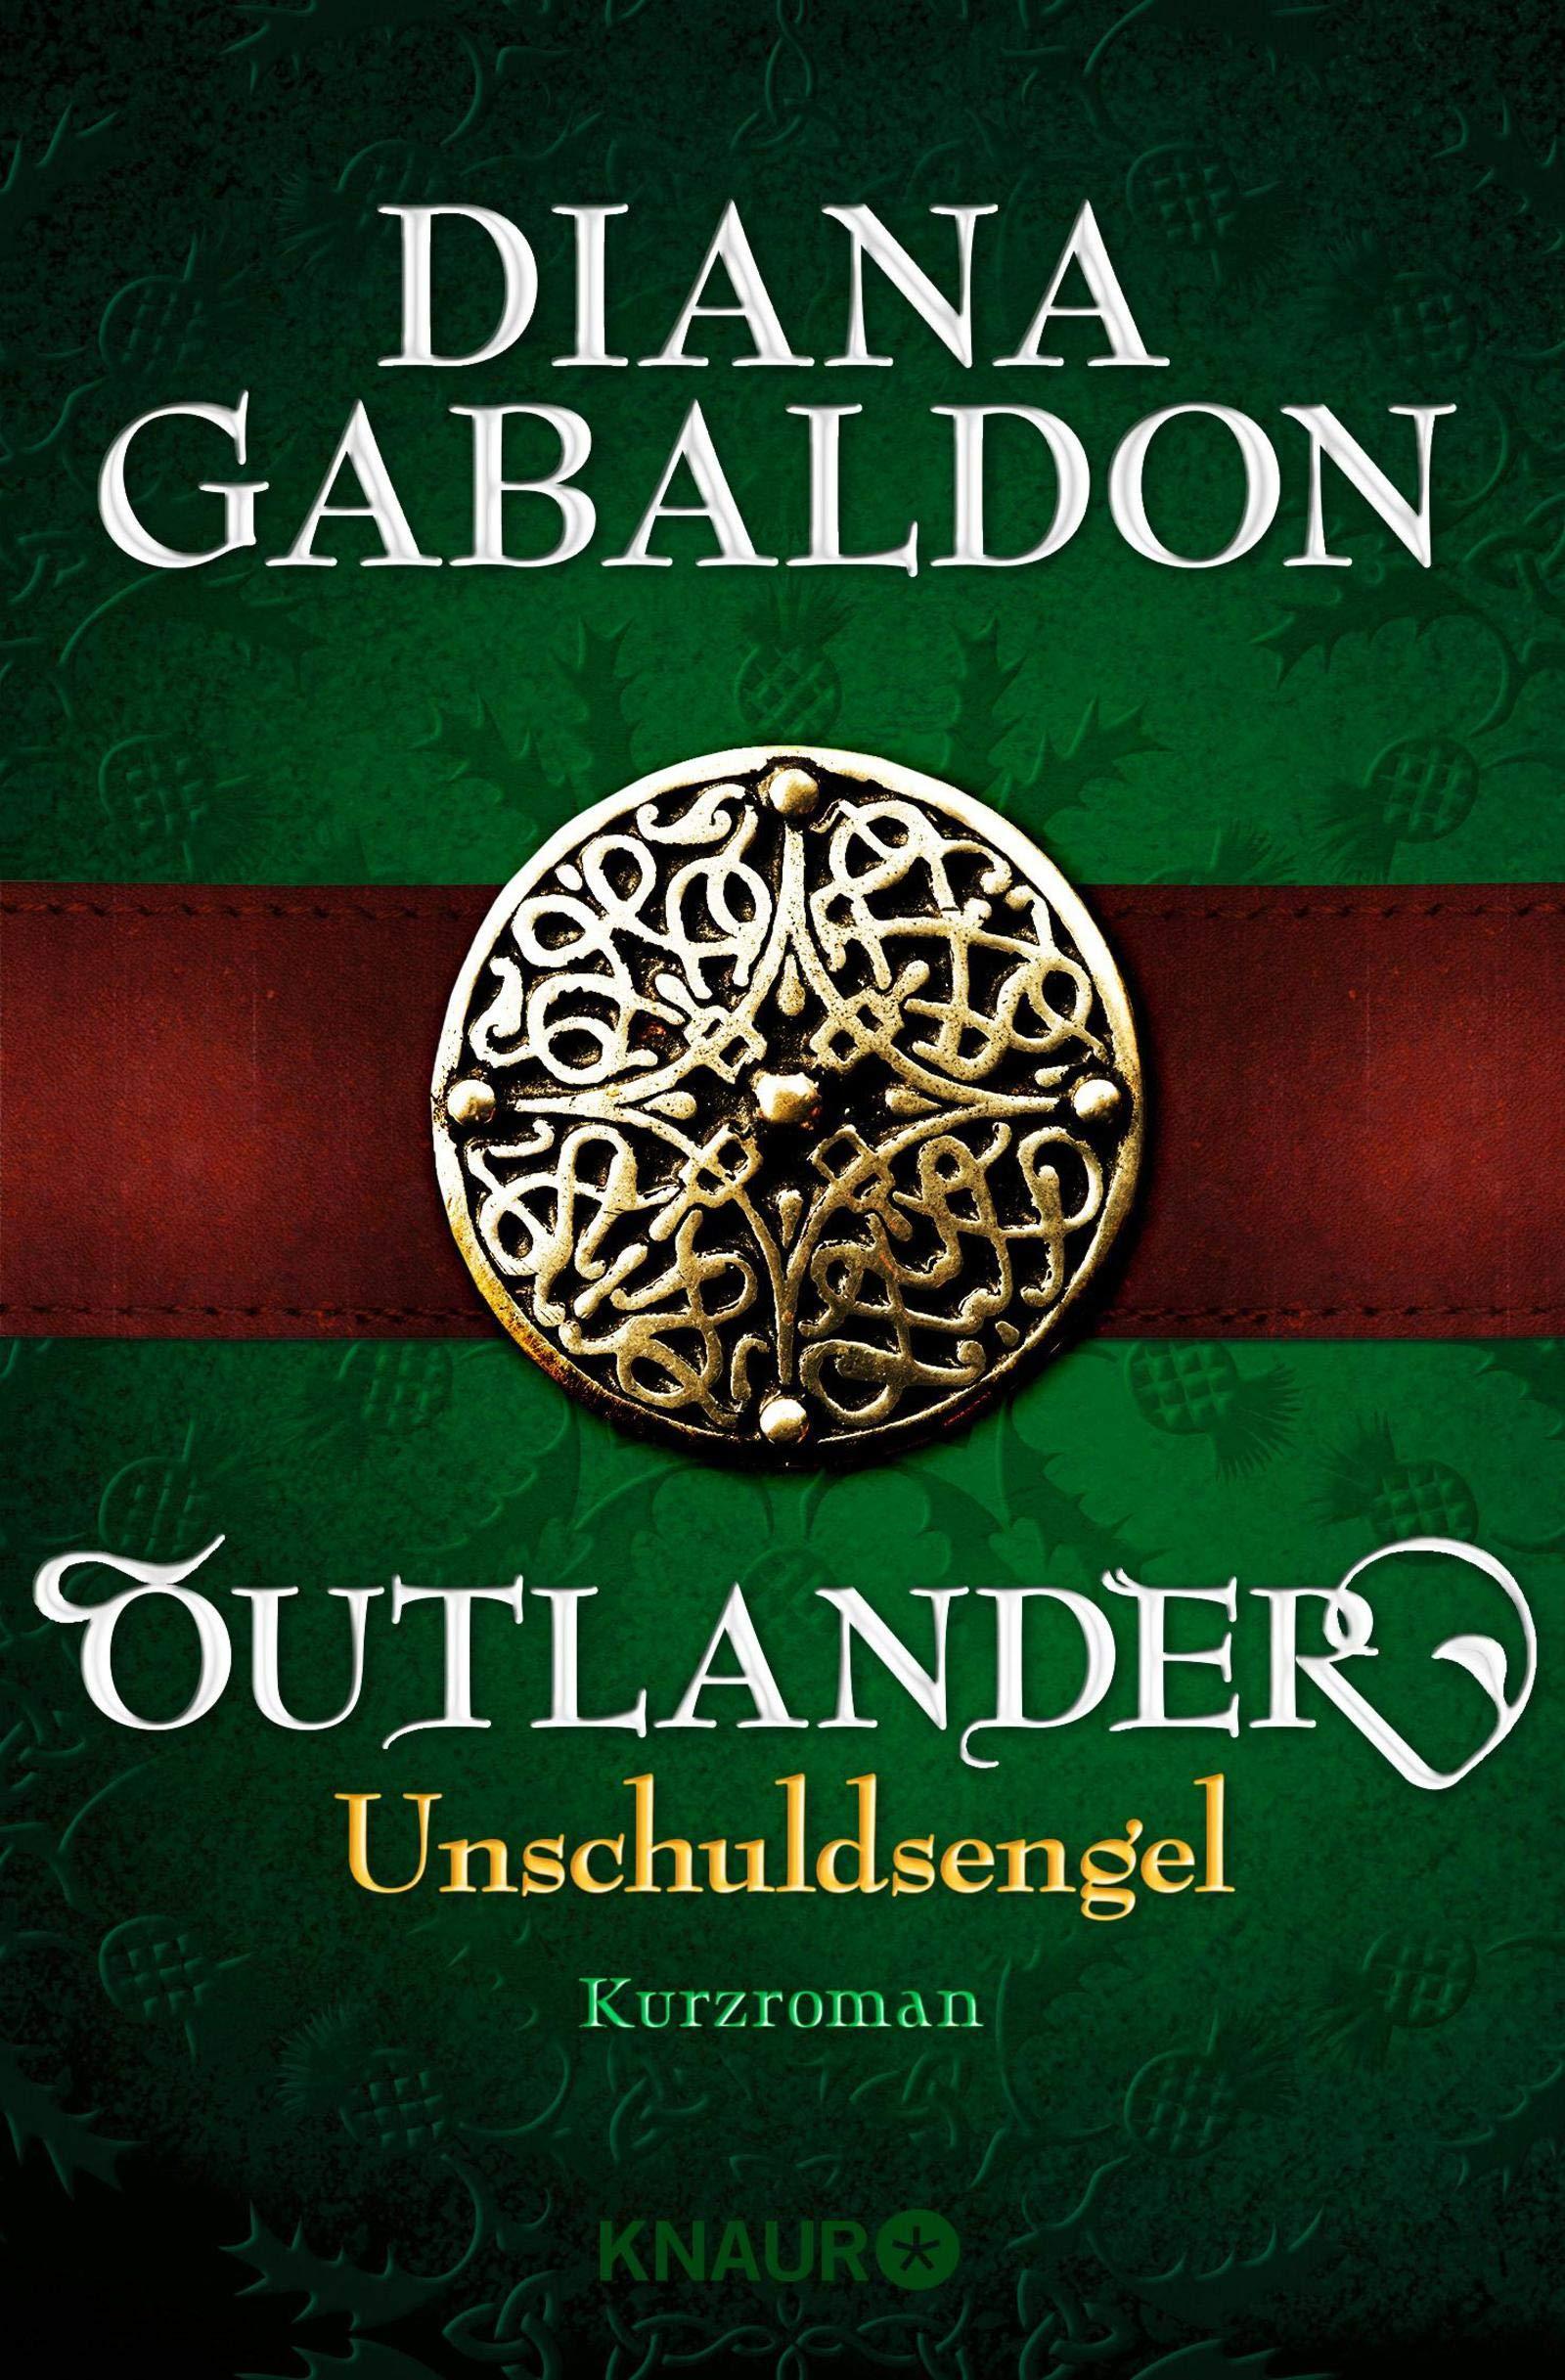 Outlander - Unschuldsengel: Kurzroman